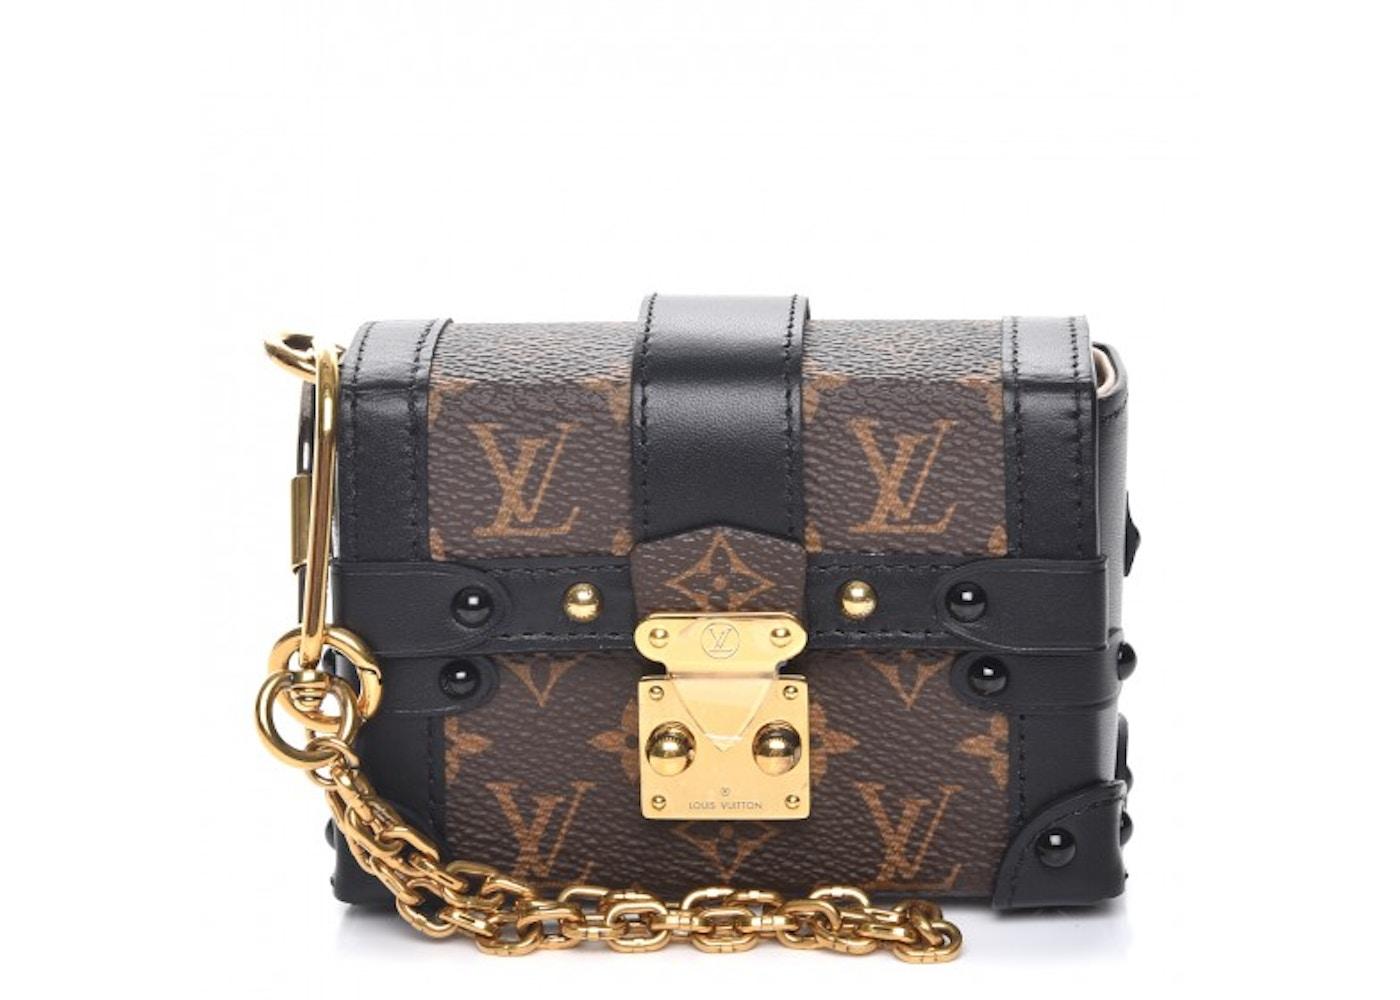 5abdce94c4 Louis Vuitton Trunk Essential Monogram Noir Black